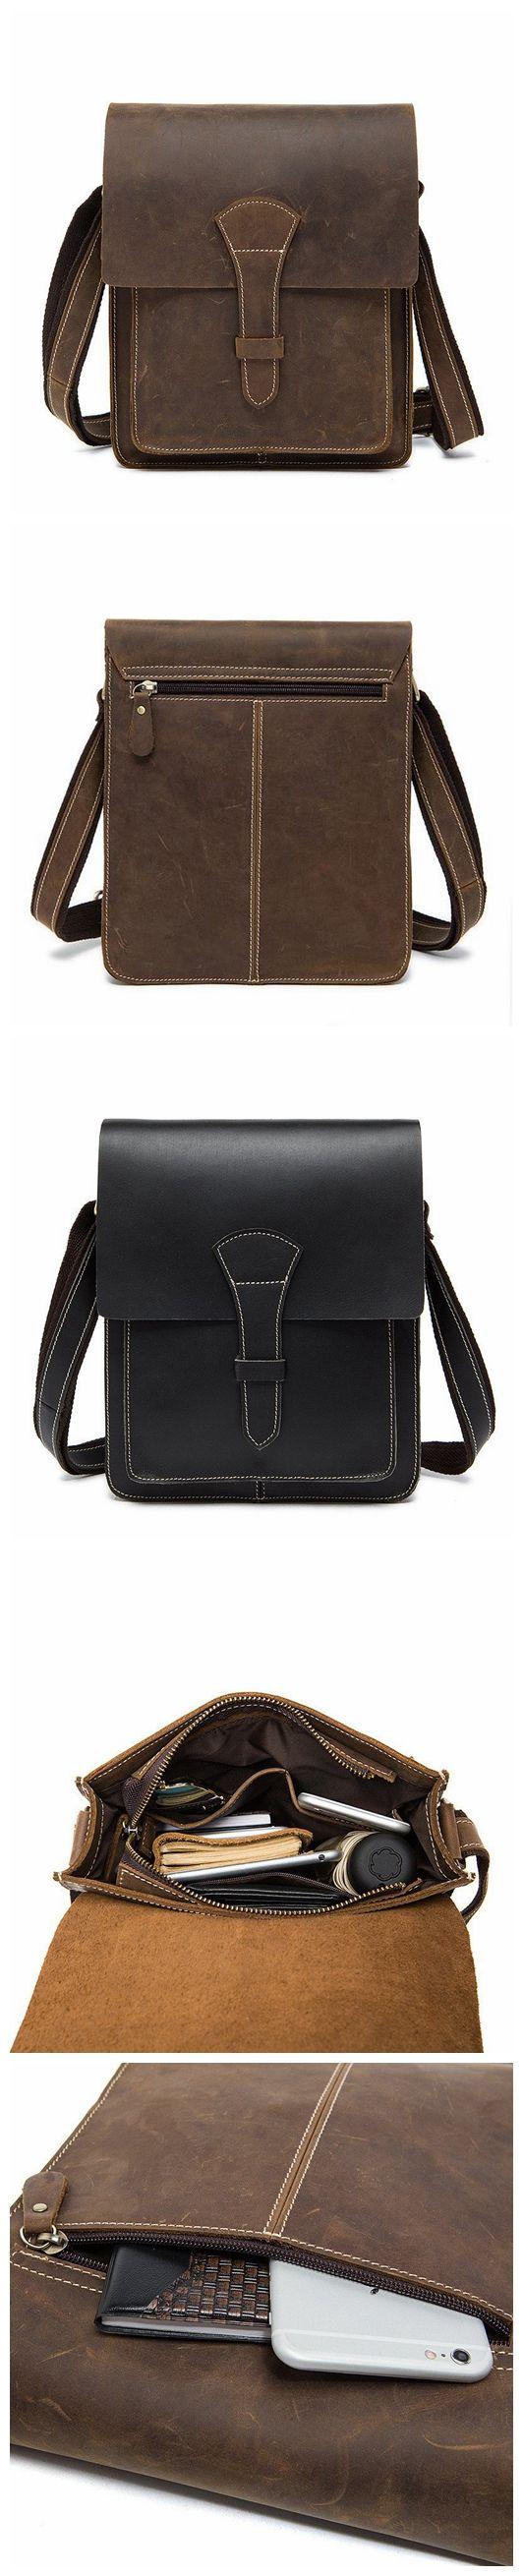 ROCKCOW Handmade Crazy Horse Men 's Leather Shoulder Bag, Vertical Messenger Bag 1093